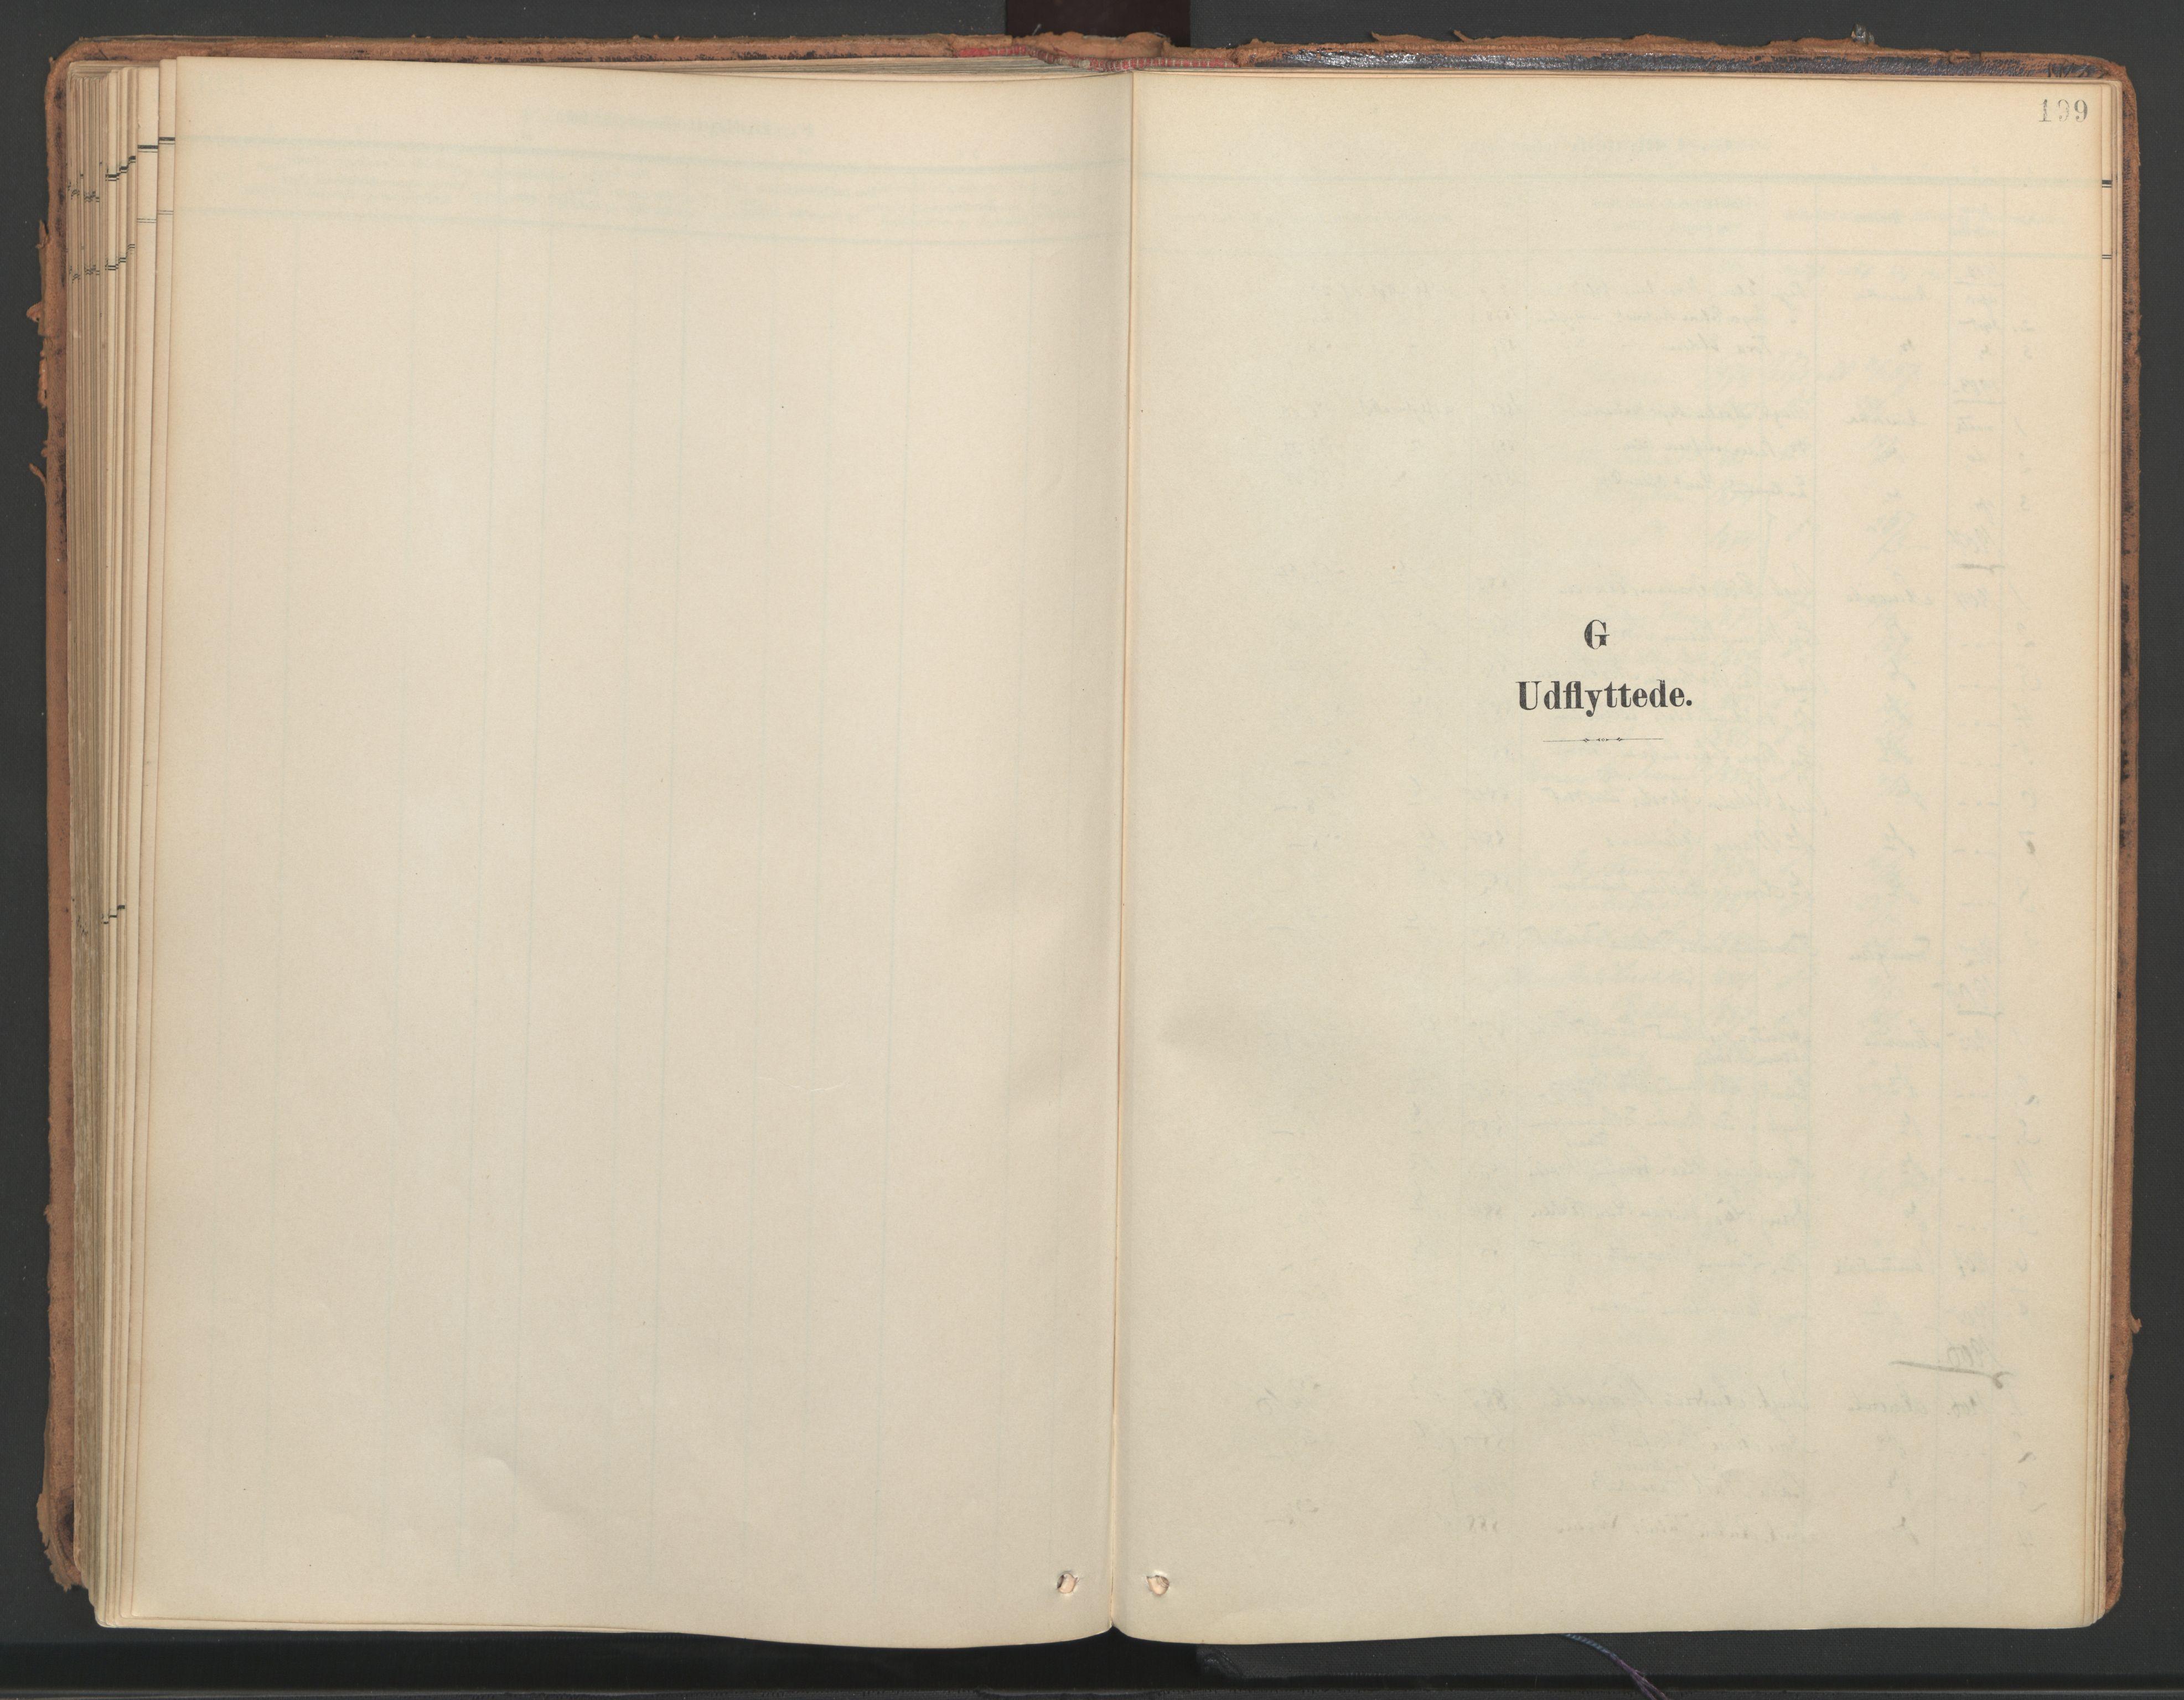 SAT, Ministerialprotokoller, klokkerbøker og fødselsregistre - Nord-Trøndelag, 766/L0564: Ministerialbok nr. 767A02, 1900-1932, s. 199